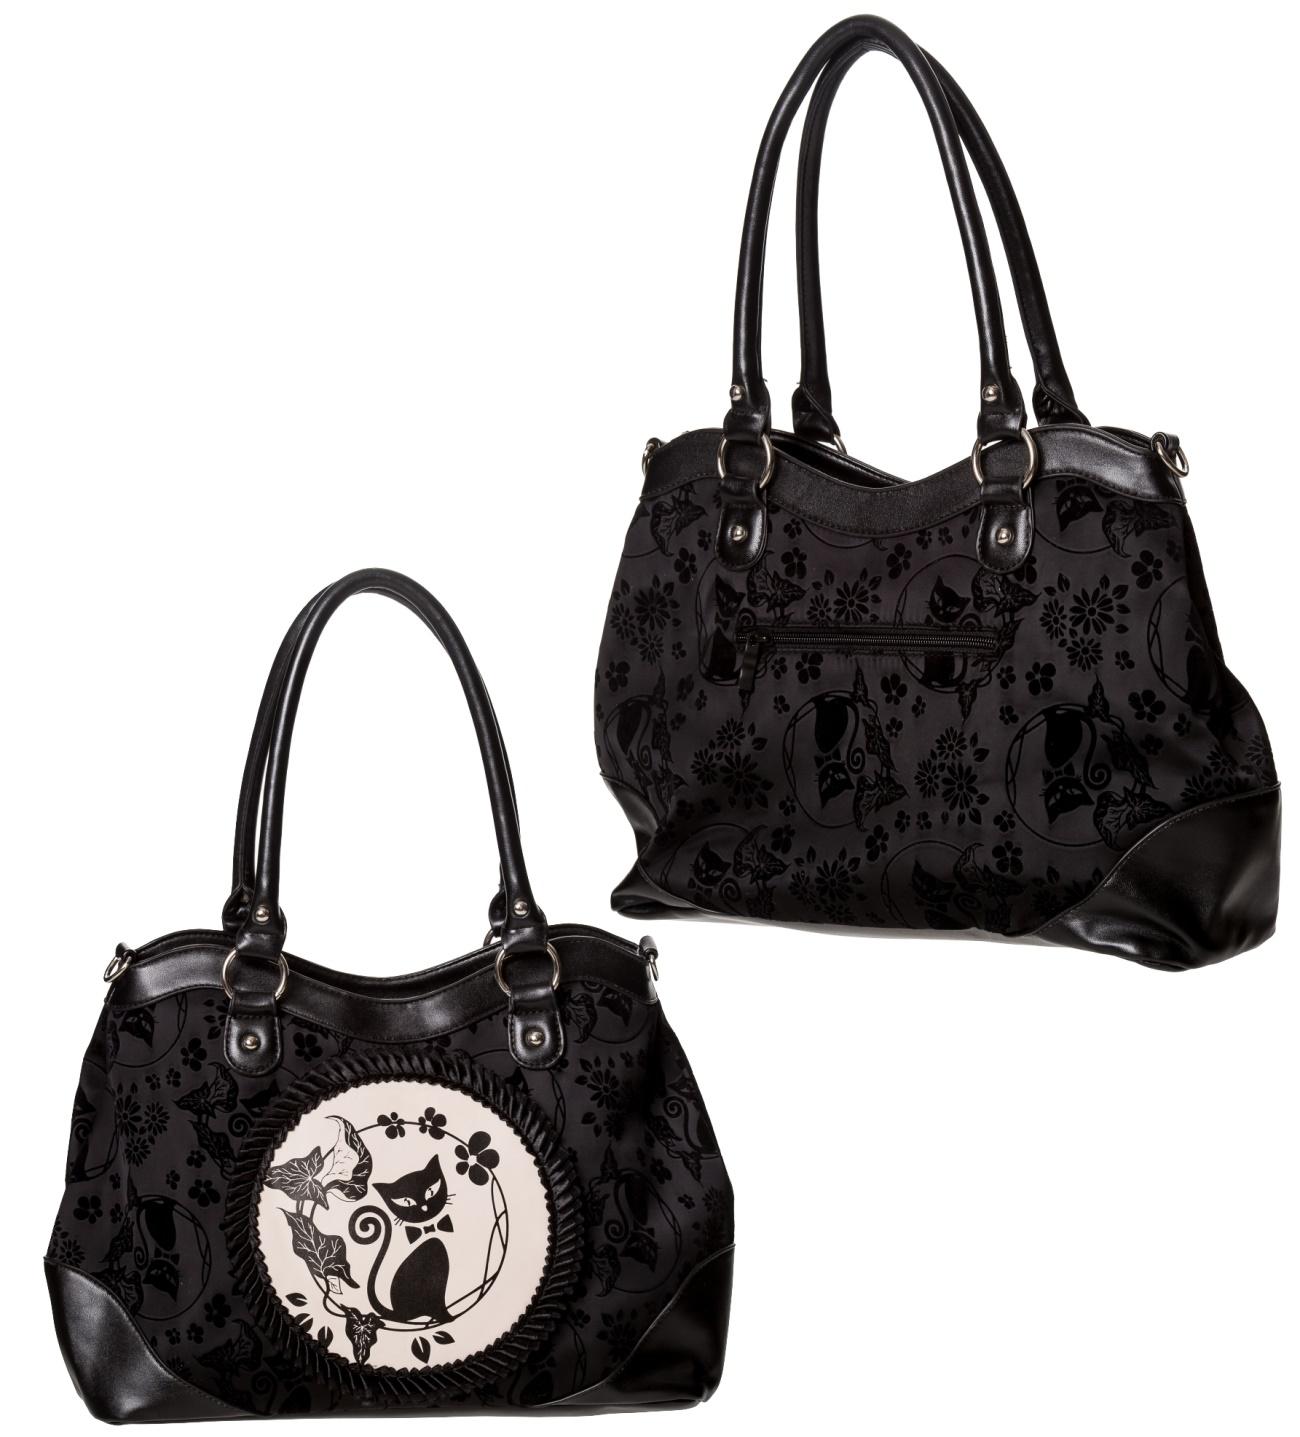 ff9c9953ab3cf Handtasche Gothc Cat Banned - Banned Taschen - Gothic Onlineshop ...